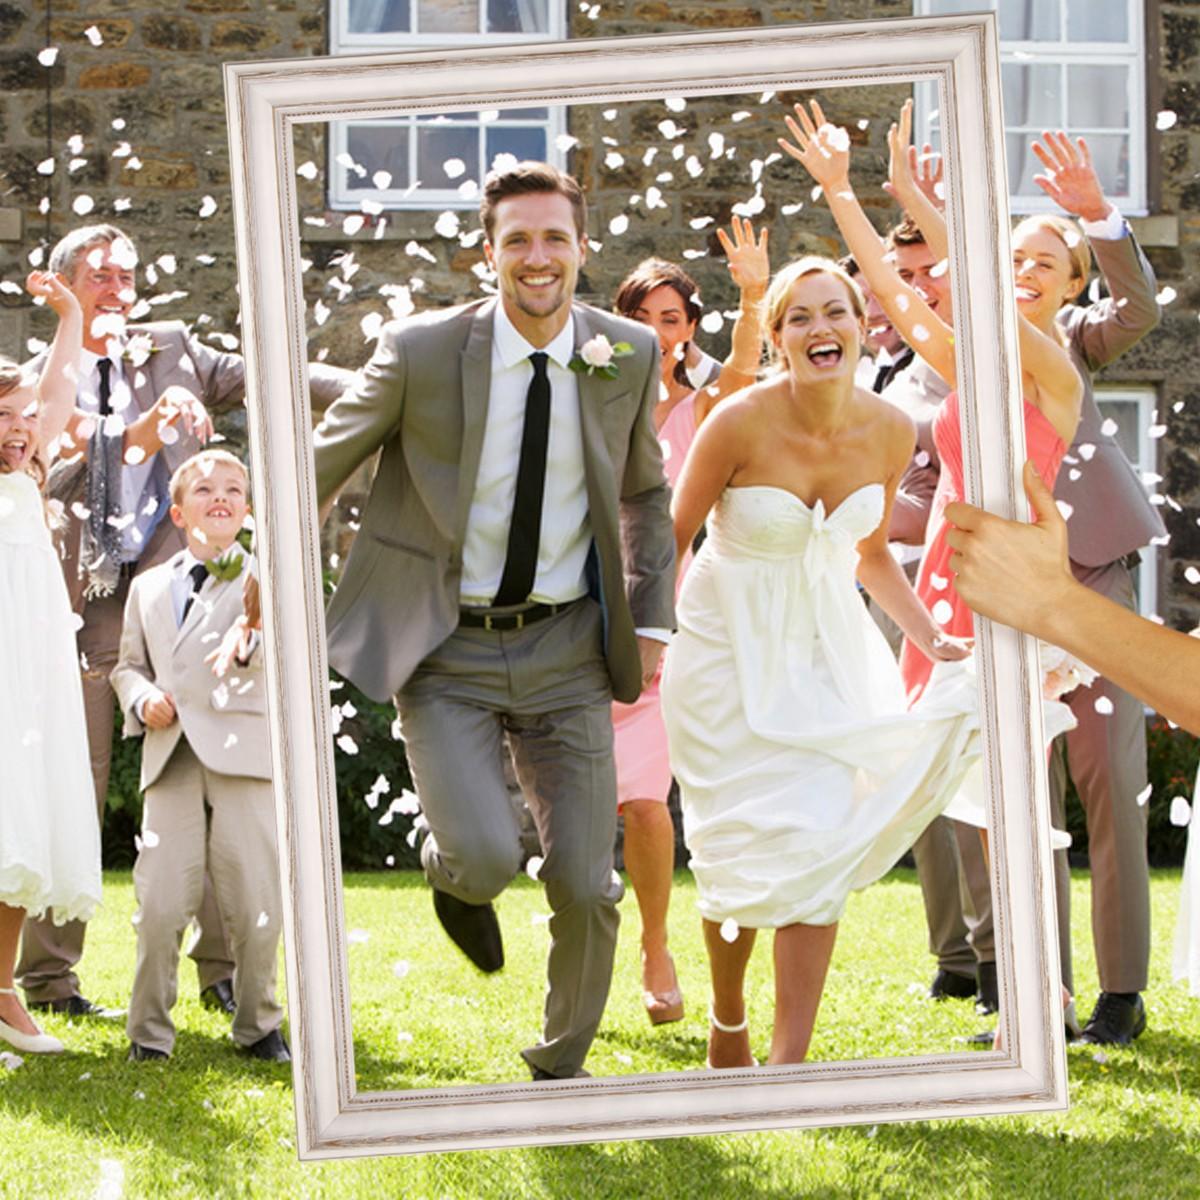 Hochzeit Bilderrahmen Für Beeindruckende Hochzeitsfotos Hochzeitsspiele  Oder Als Hochzeits Rahmen Und Photo Booth